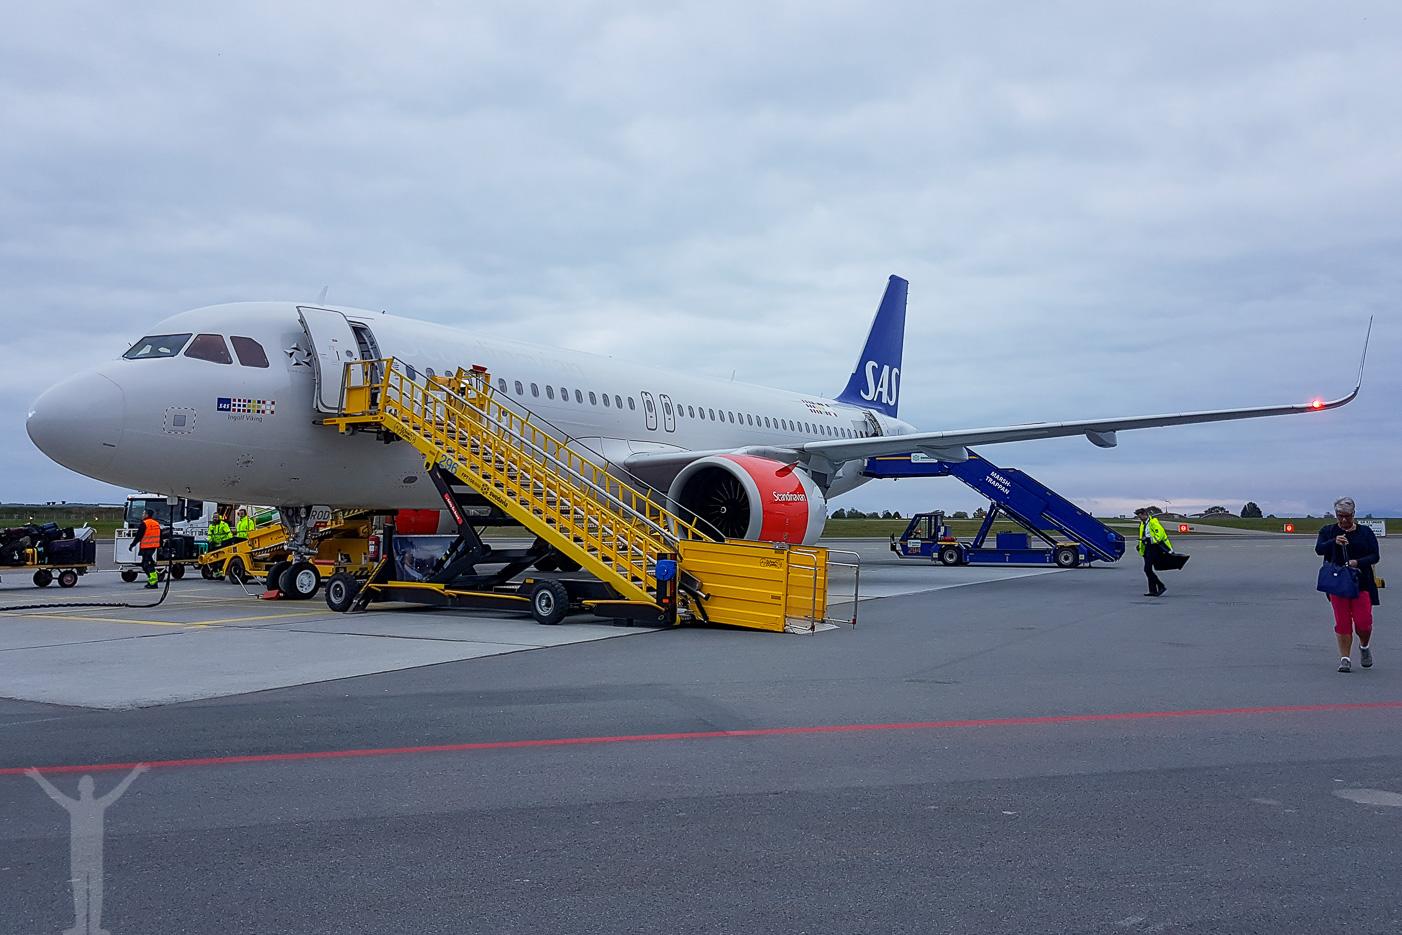 SAS - SE-ROD, A320neo